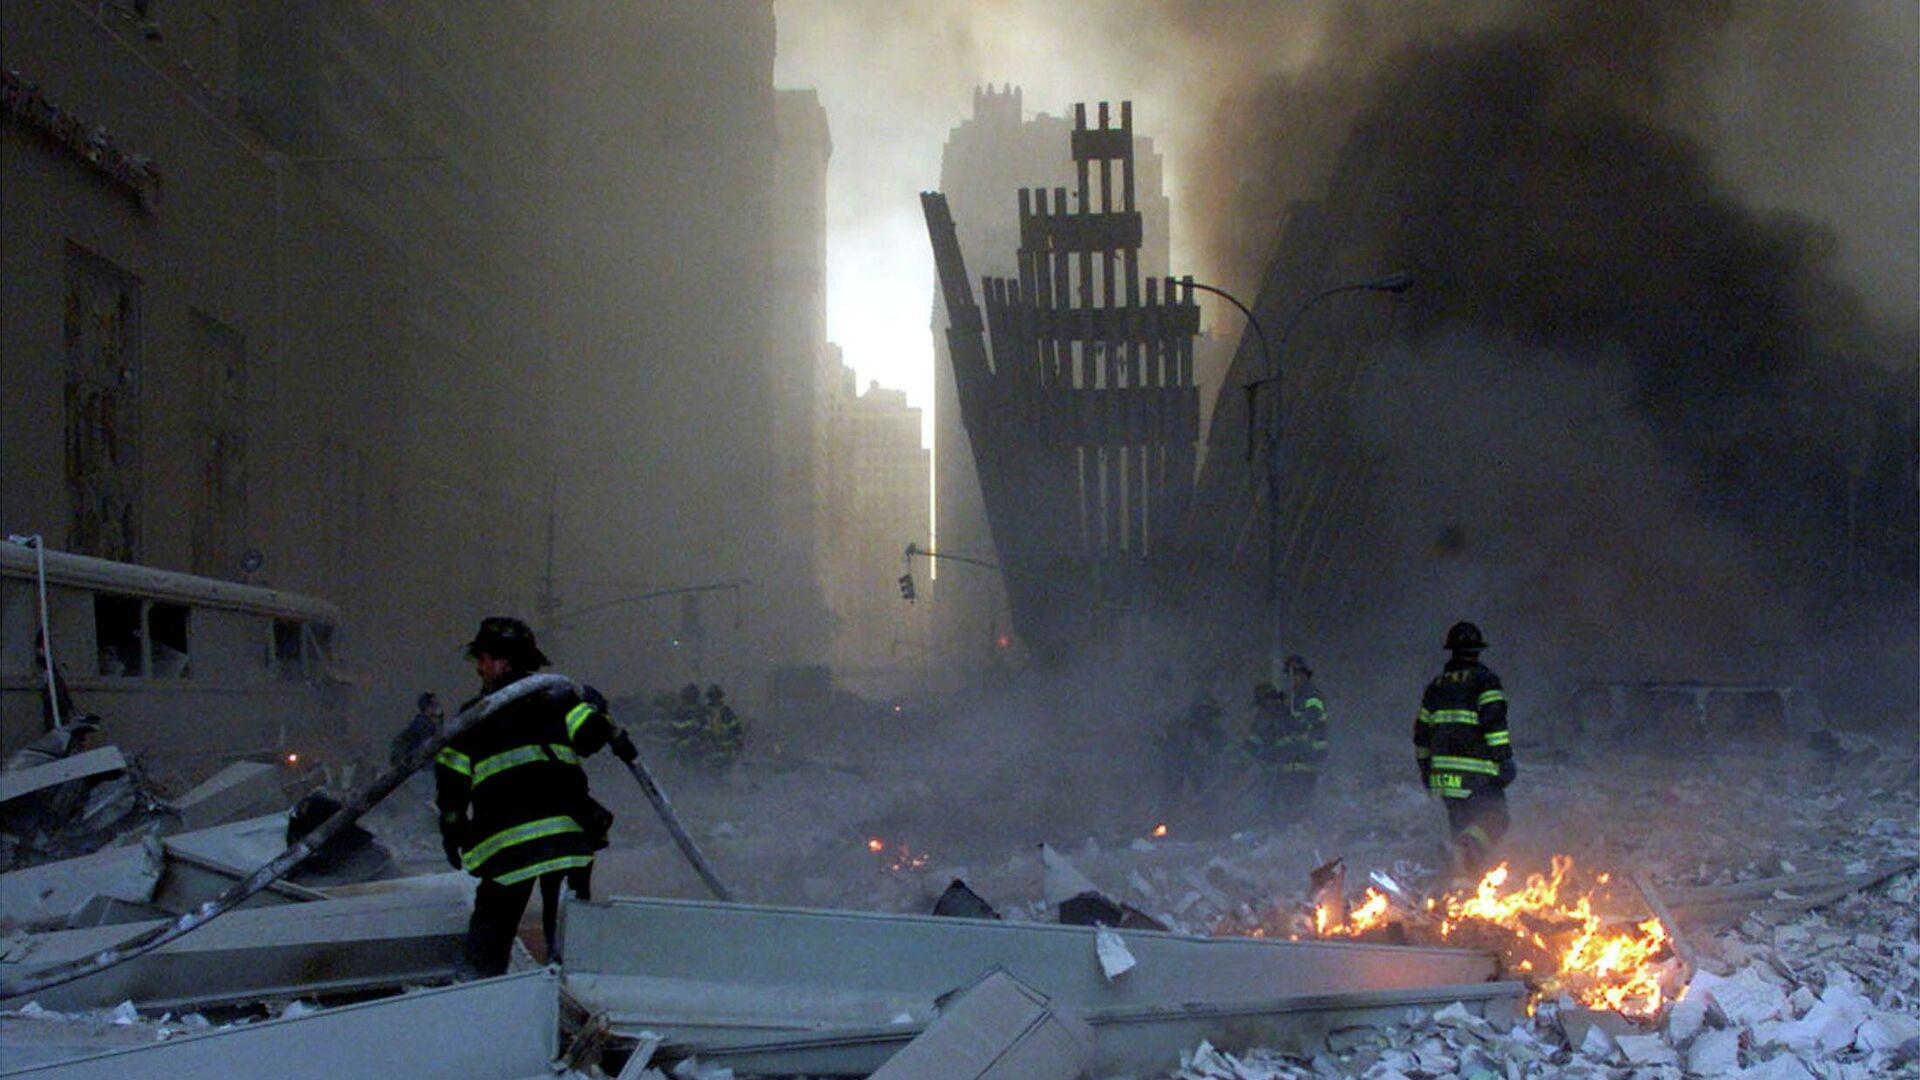 Пожарные на месте теракта 11 сентября 2001 года в Нью-Йорке - РИА Новости, 1920, 12.09.2021